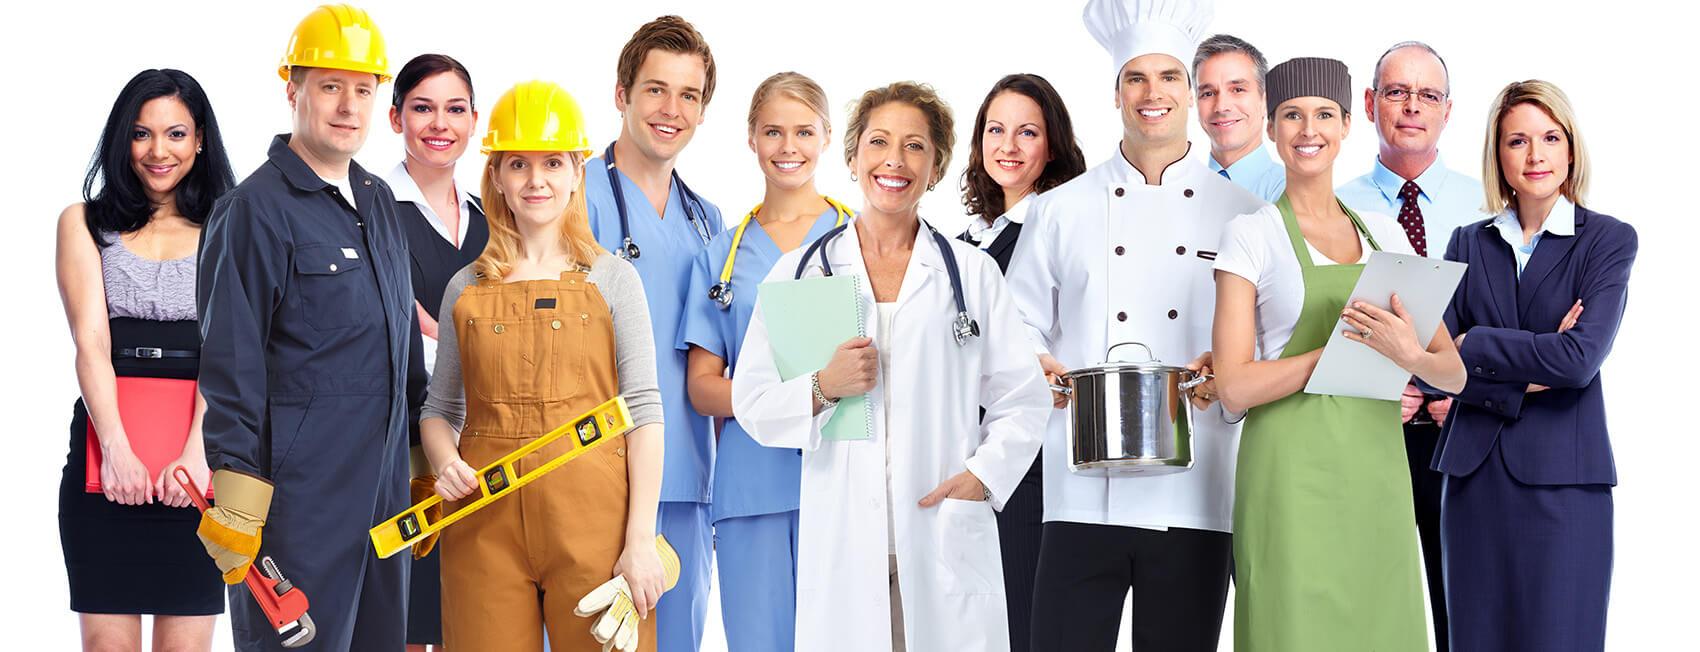 Оценка рабочего места по условиям труда в комплексе мероприятий